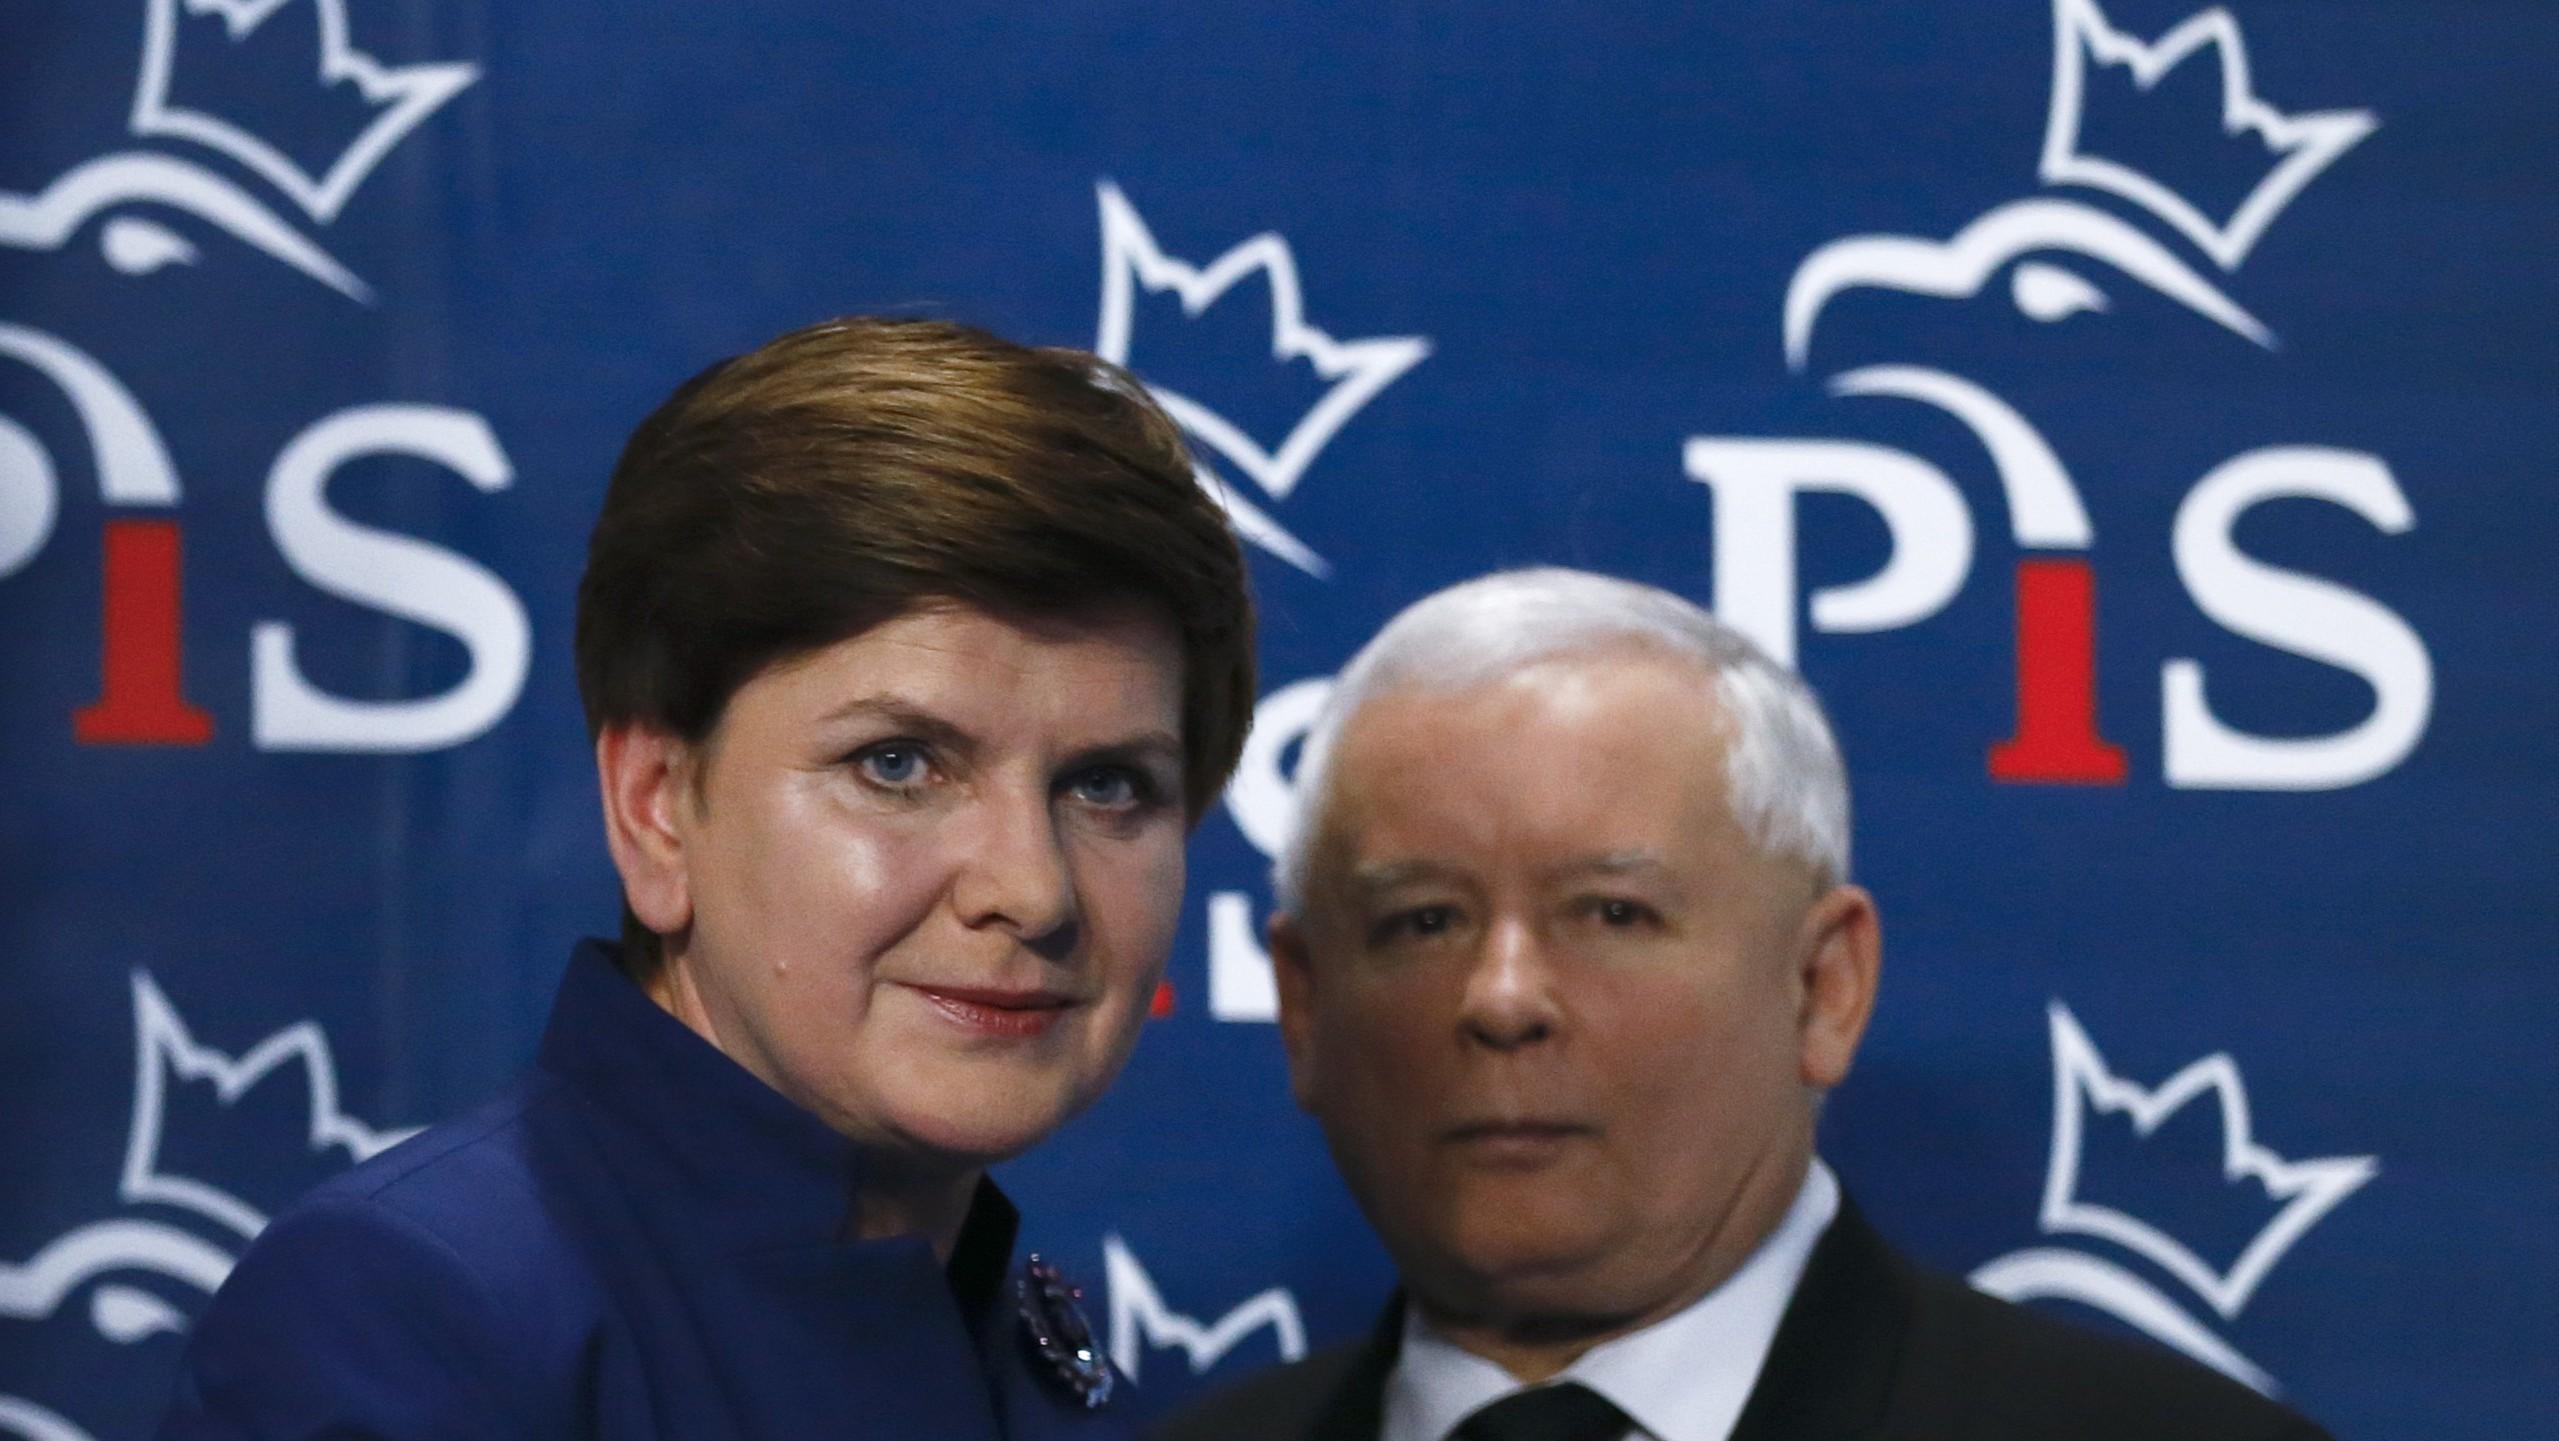 Beata Szydło, the new prime minister, and the éminence grise Jarosław Kaczyński.